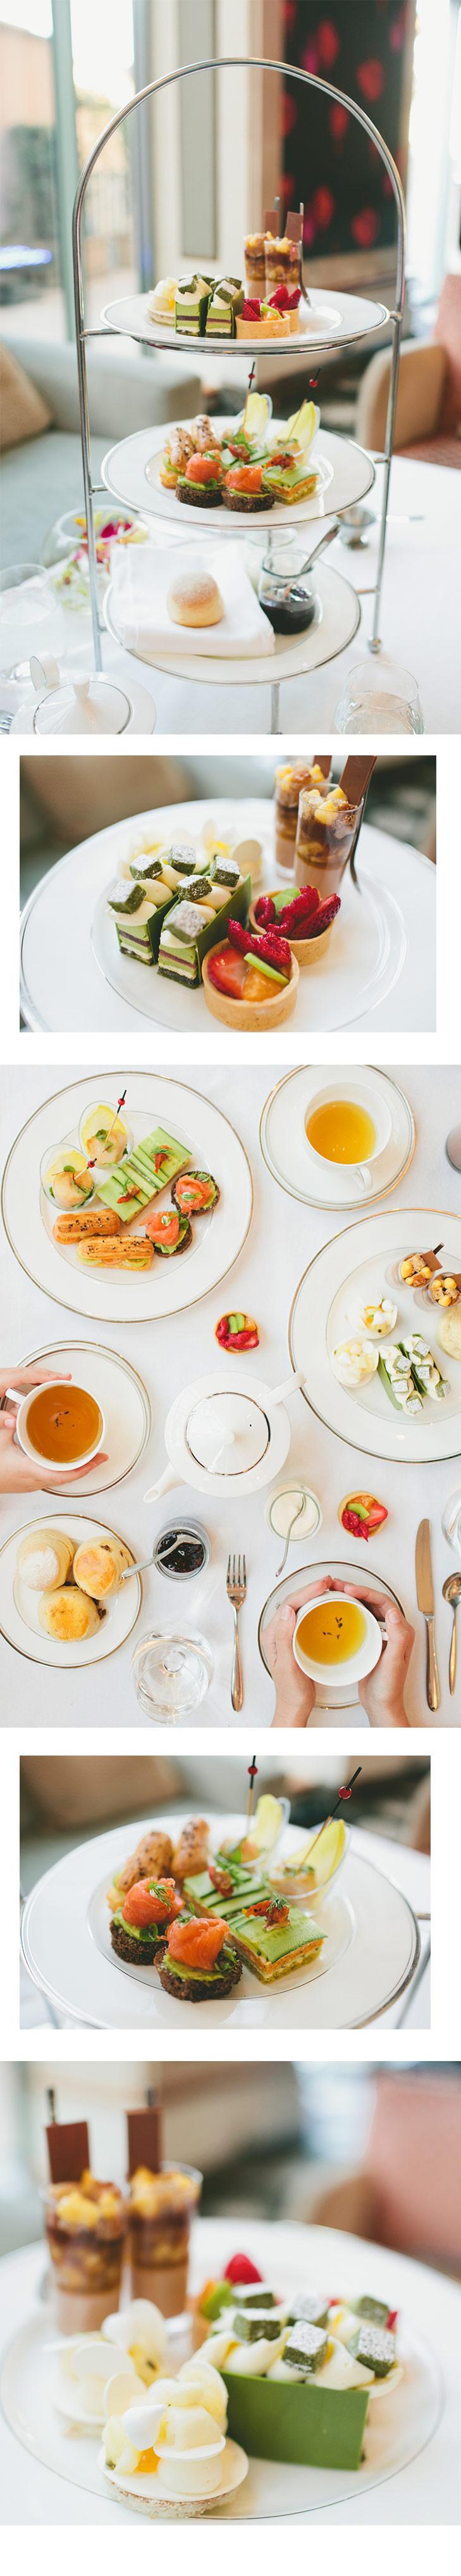 High Tea at Shangri-La Sydney. Photo Credit : May Leong + Priscilla Barbosa